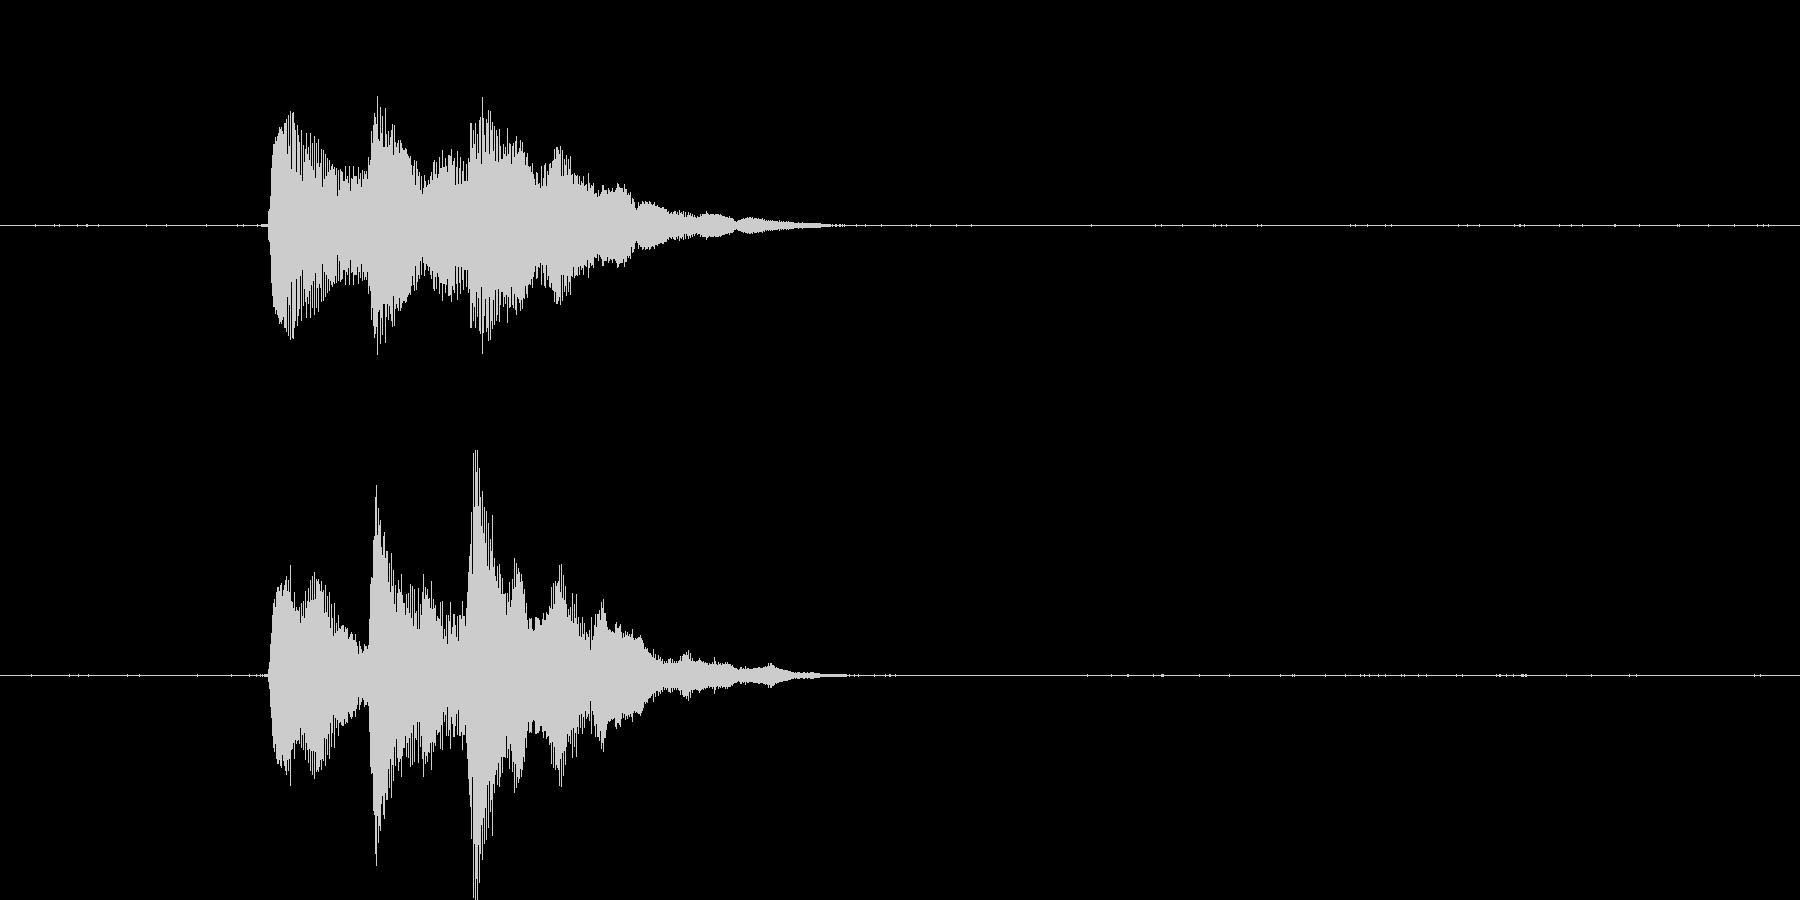 「ぴろりん」決定音やコイン・アイテムな…の未再生の波形